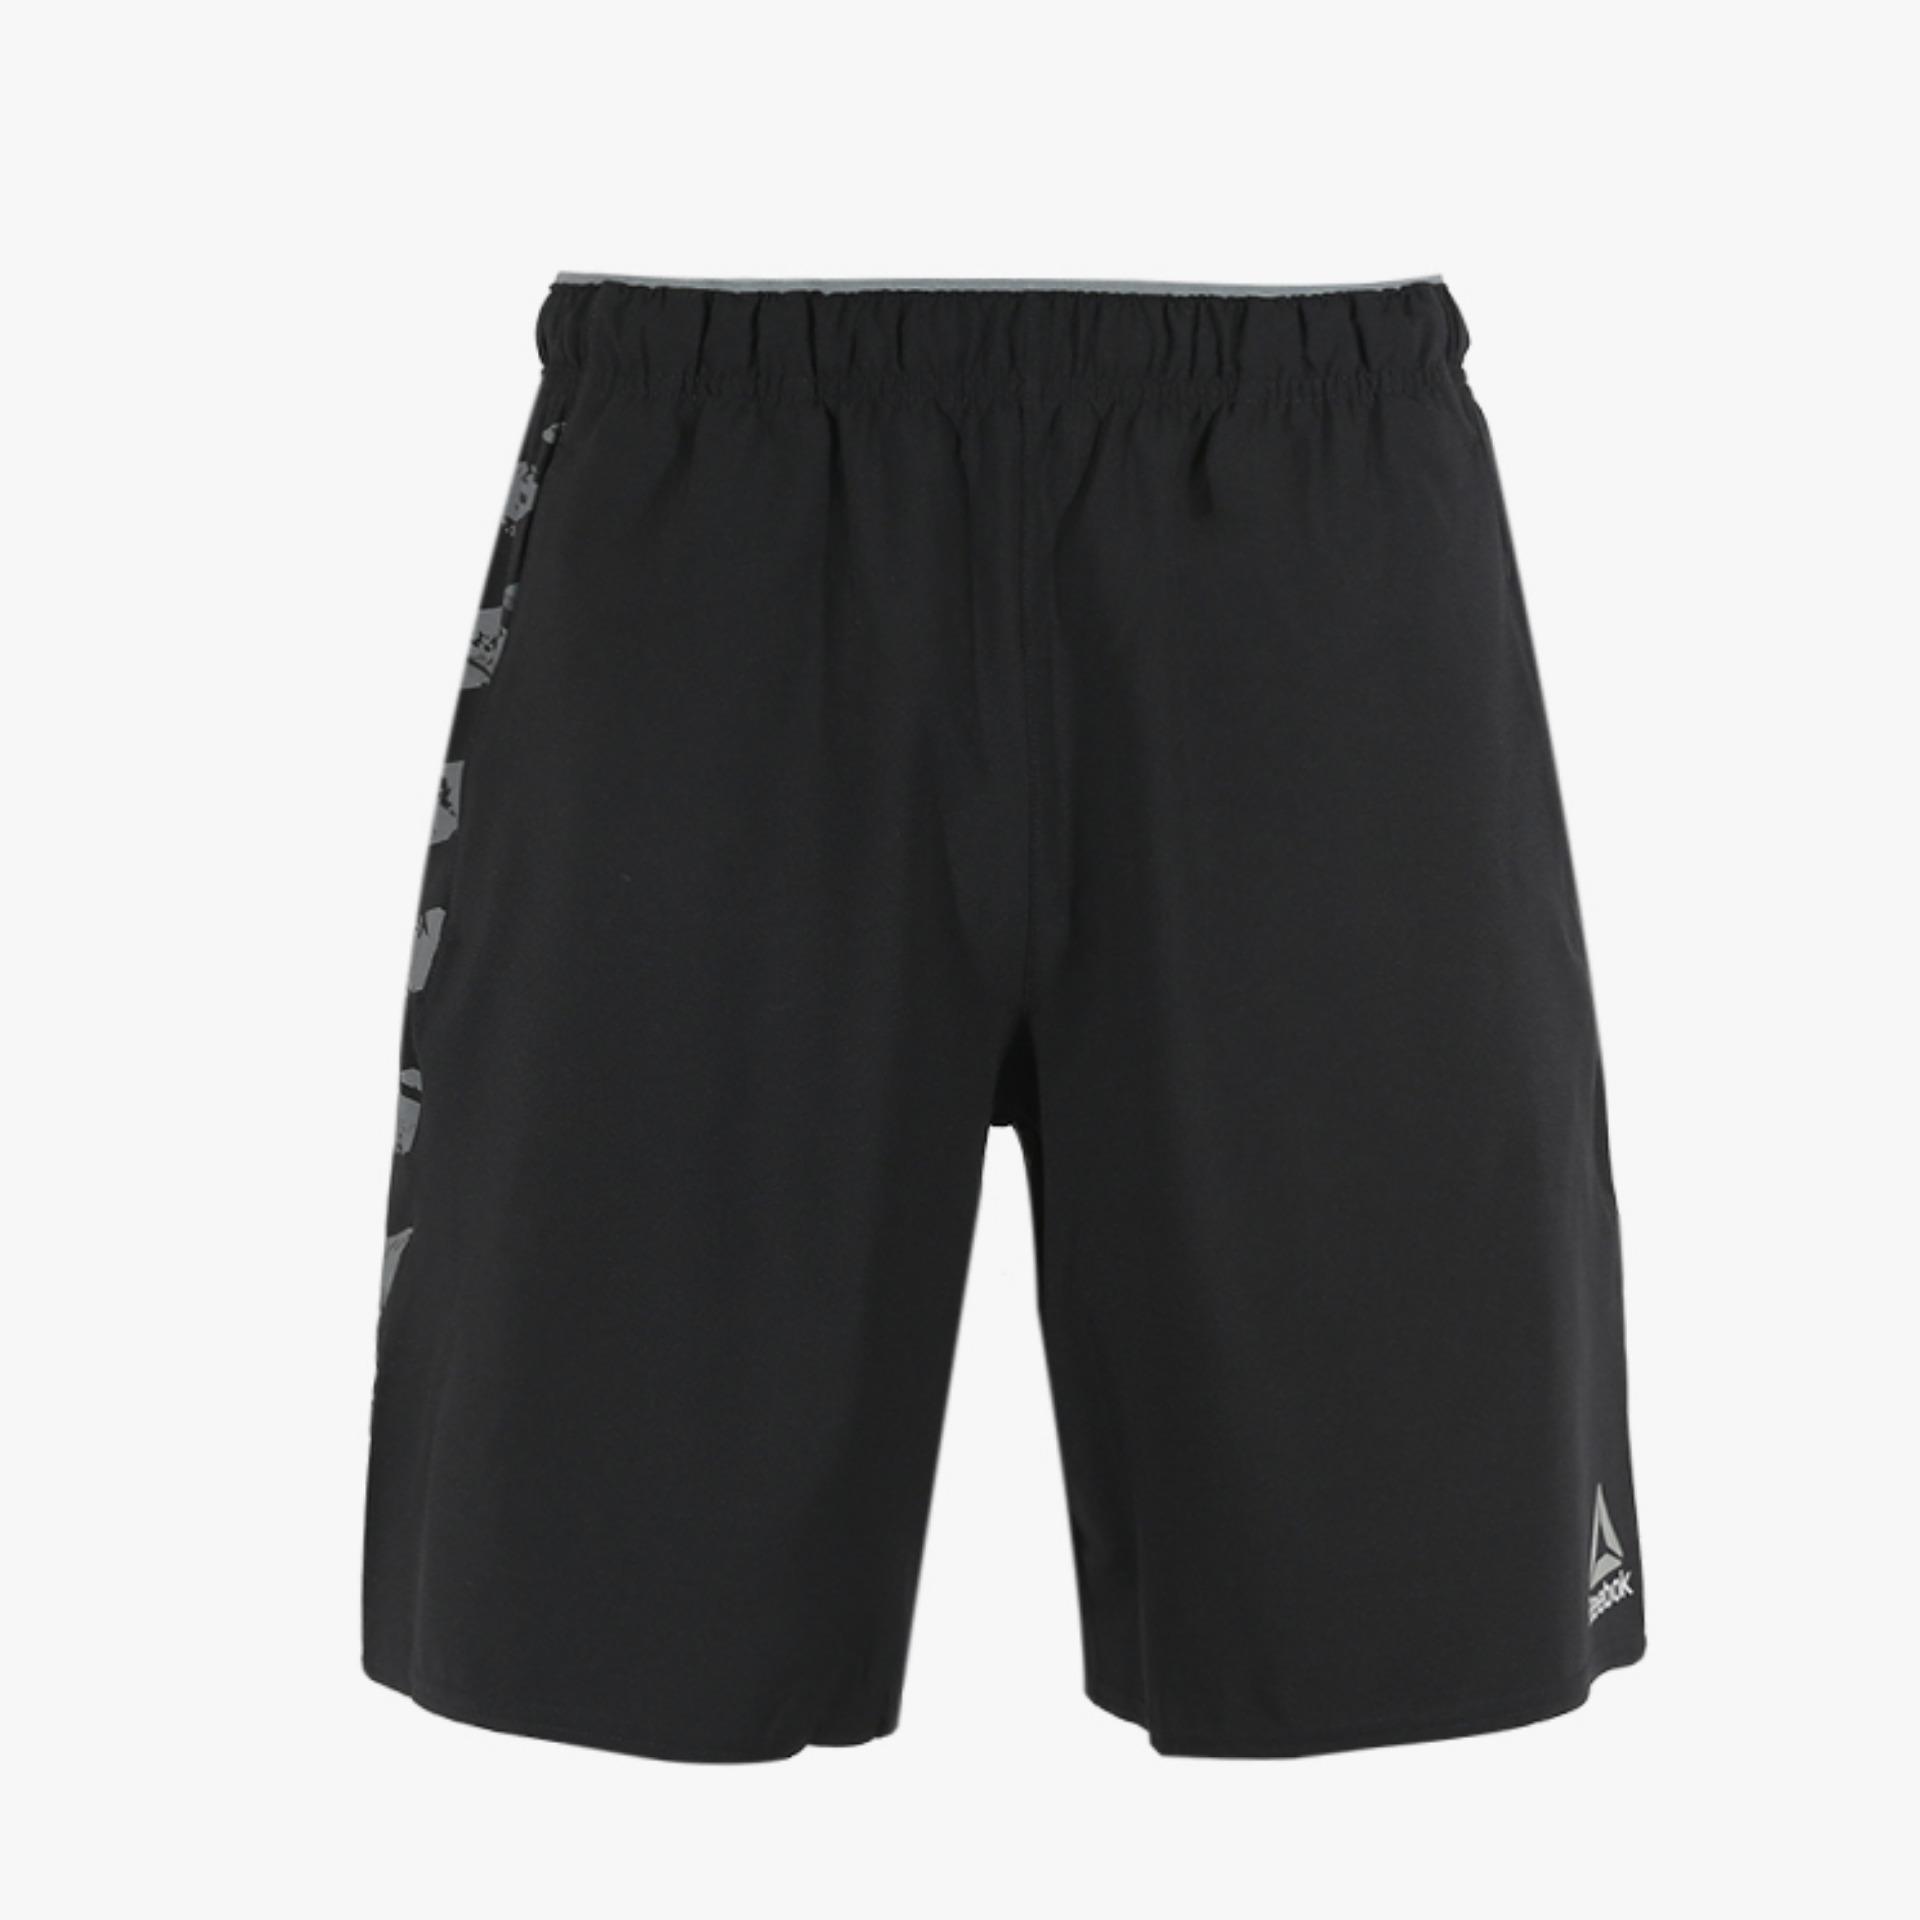 Diskon Reebok Workout Ready Woven Men S Shorts Hitam Reebok